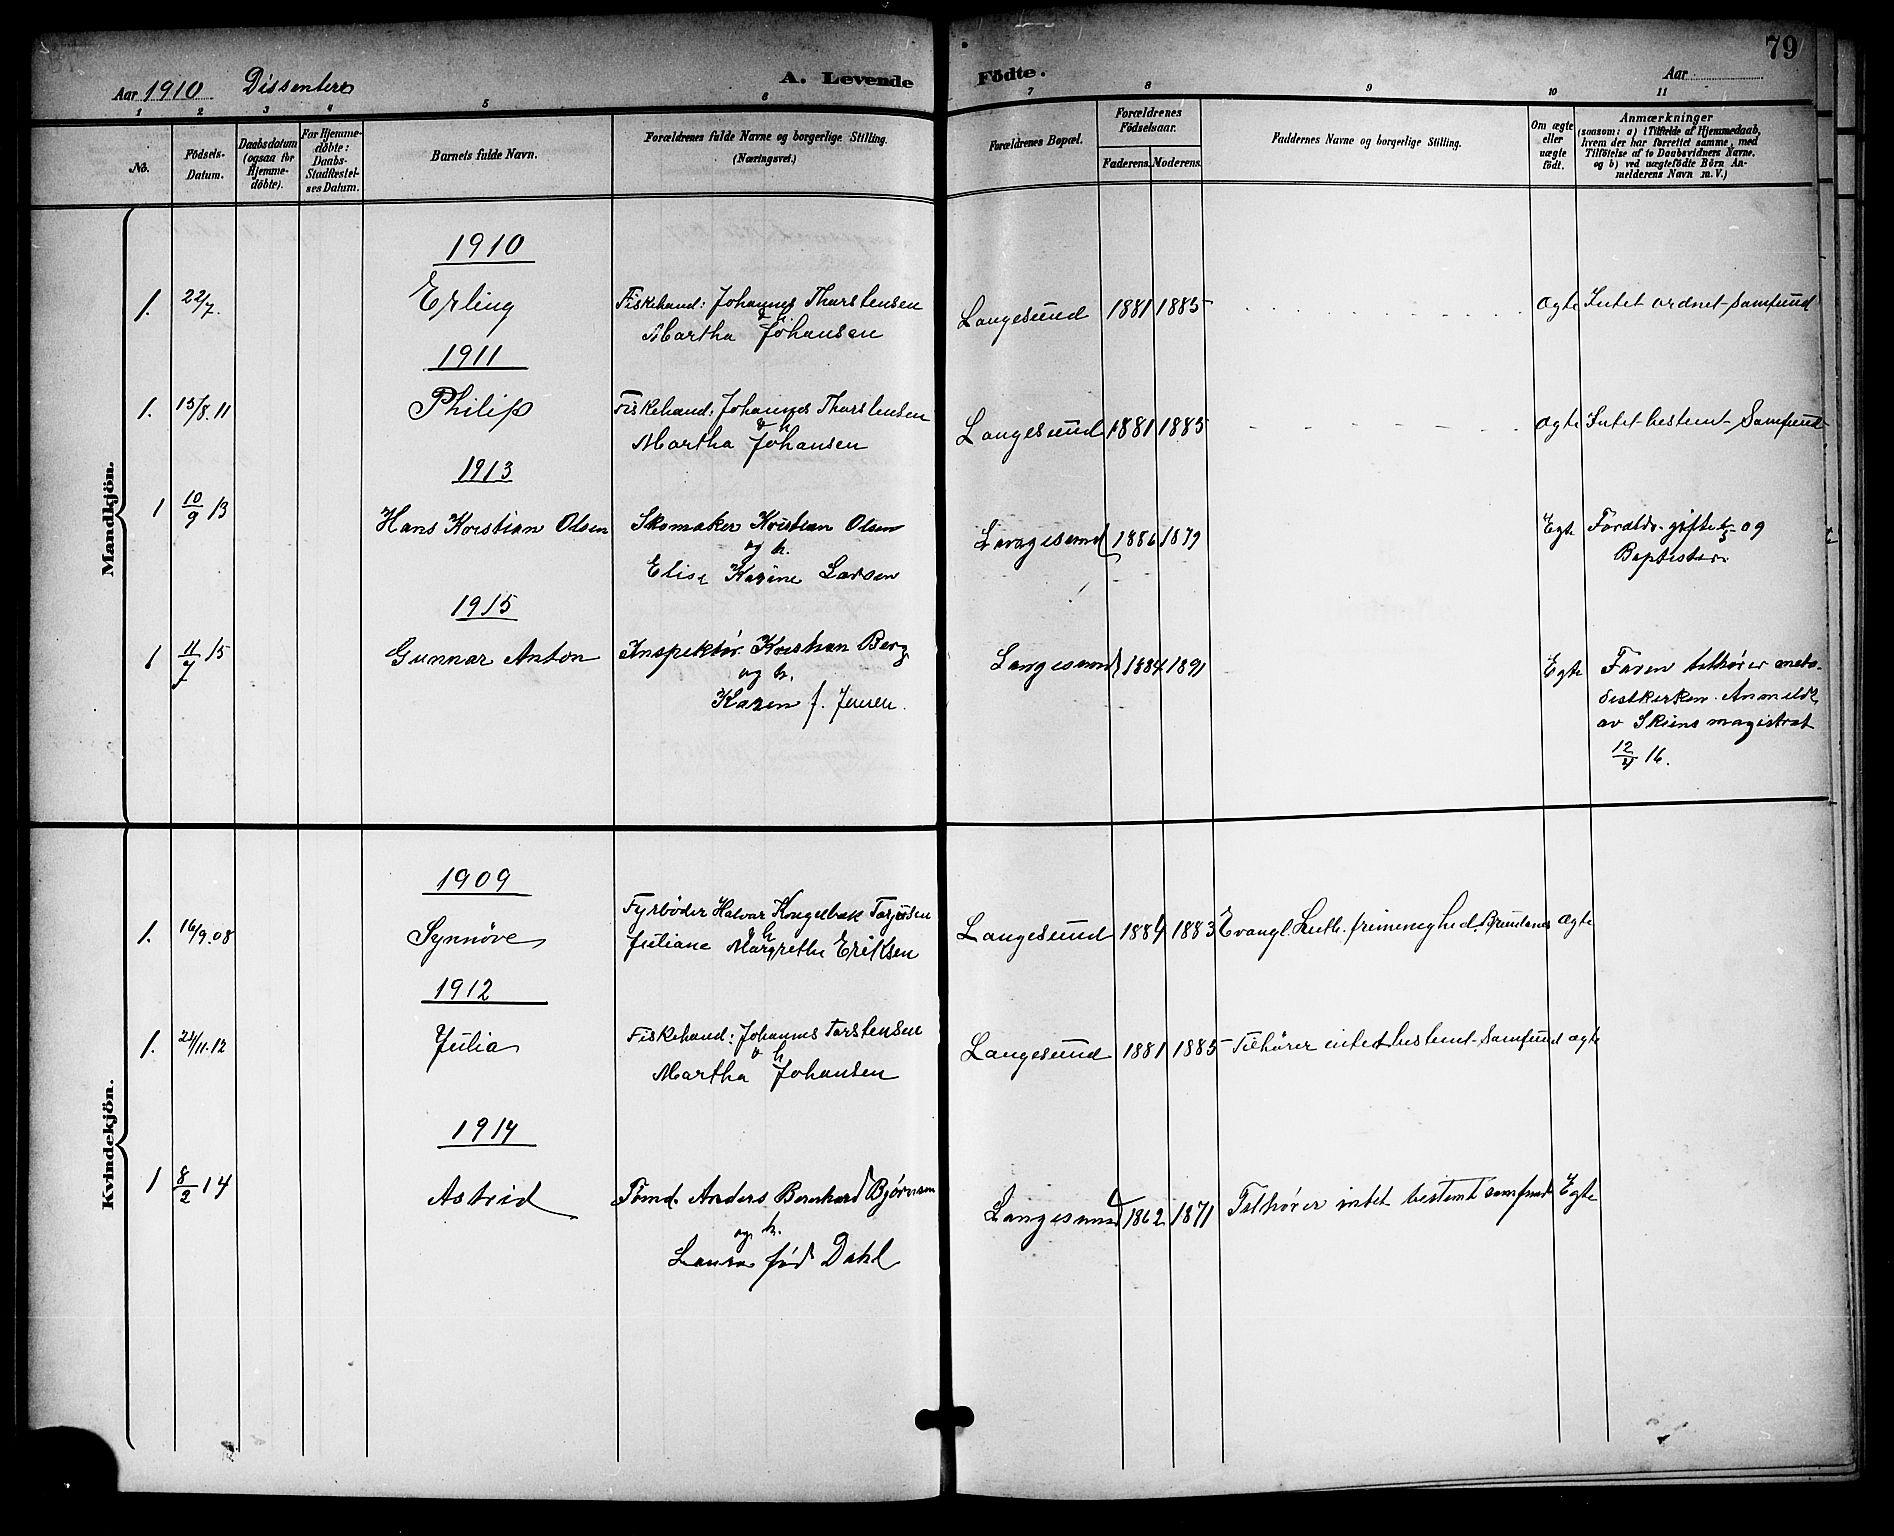 SAKO, Langesund kirkebøker, G/Ga/L0006: Klokkerbok nr. 6, 1899-1918, s. 79